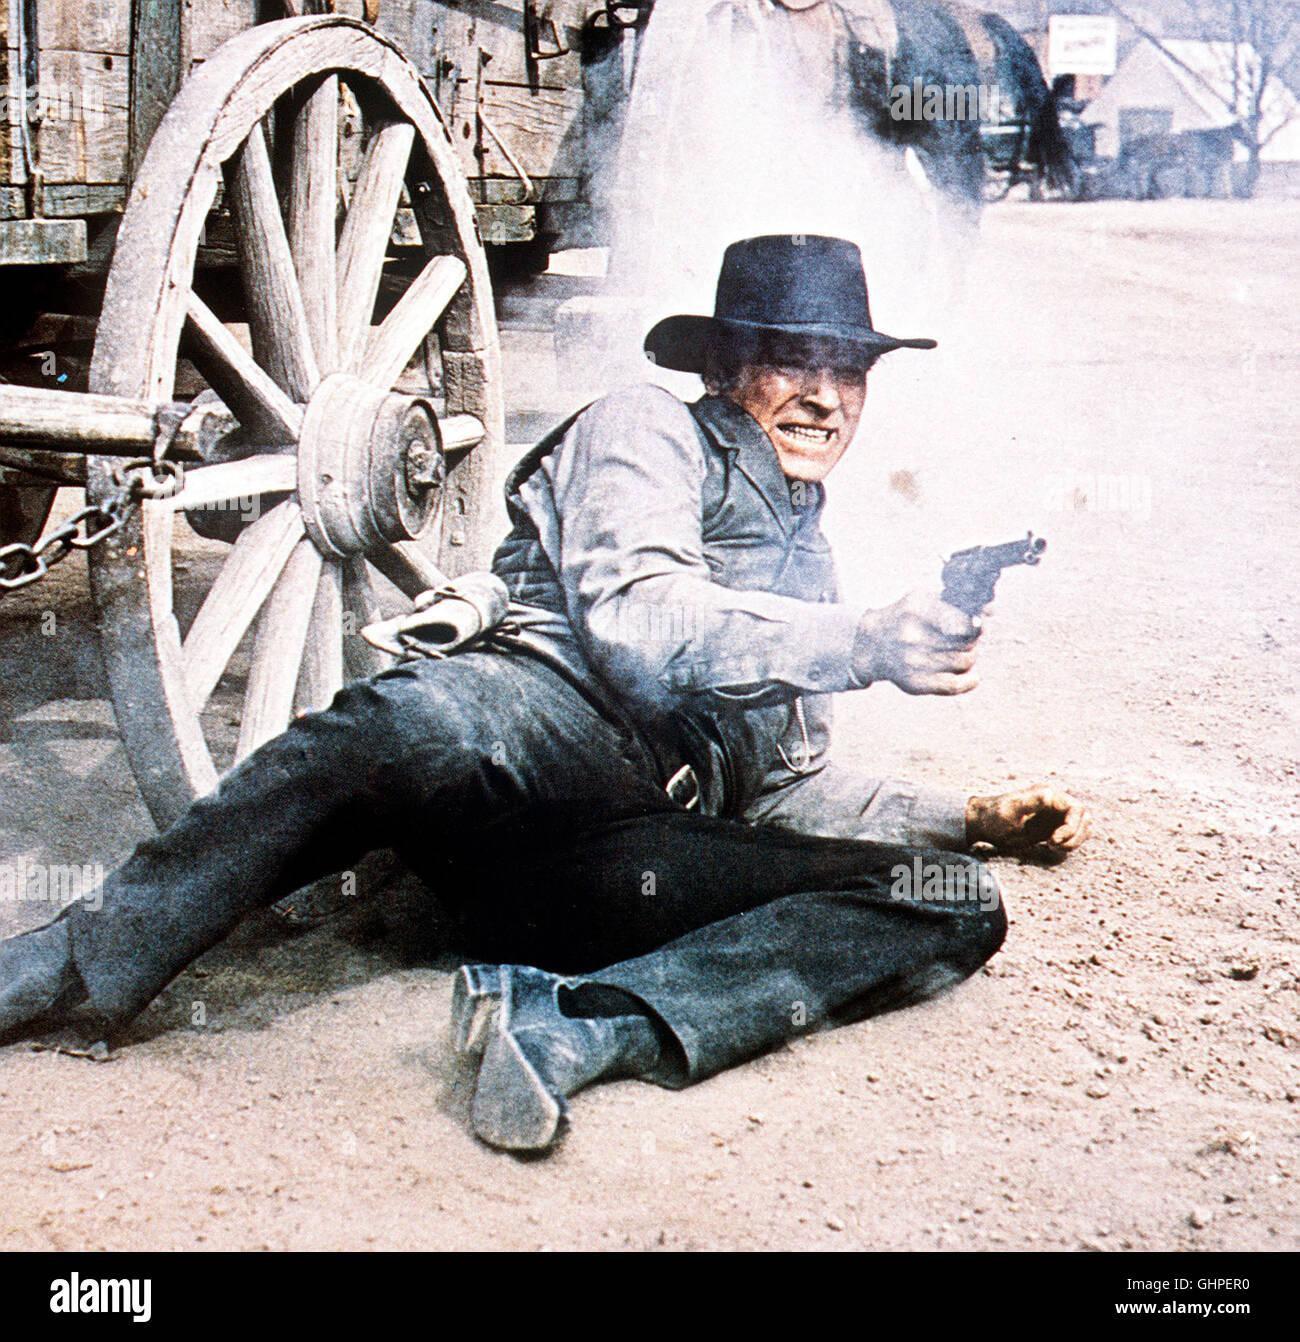 LAWMAN - Sheriff Jered Maddox (BURT LANCASTER) will einen Trupp Bürger vor Gericht bringen, die bei einem Saufgelage - Stock Image